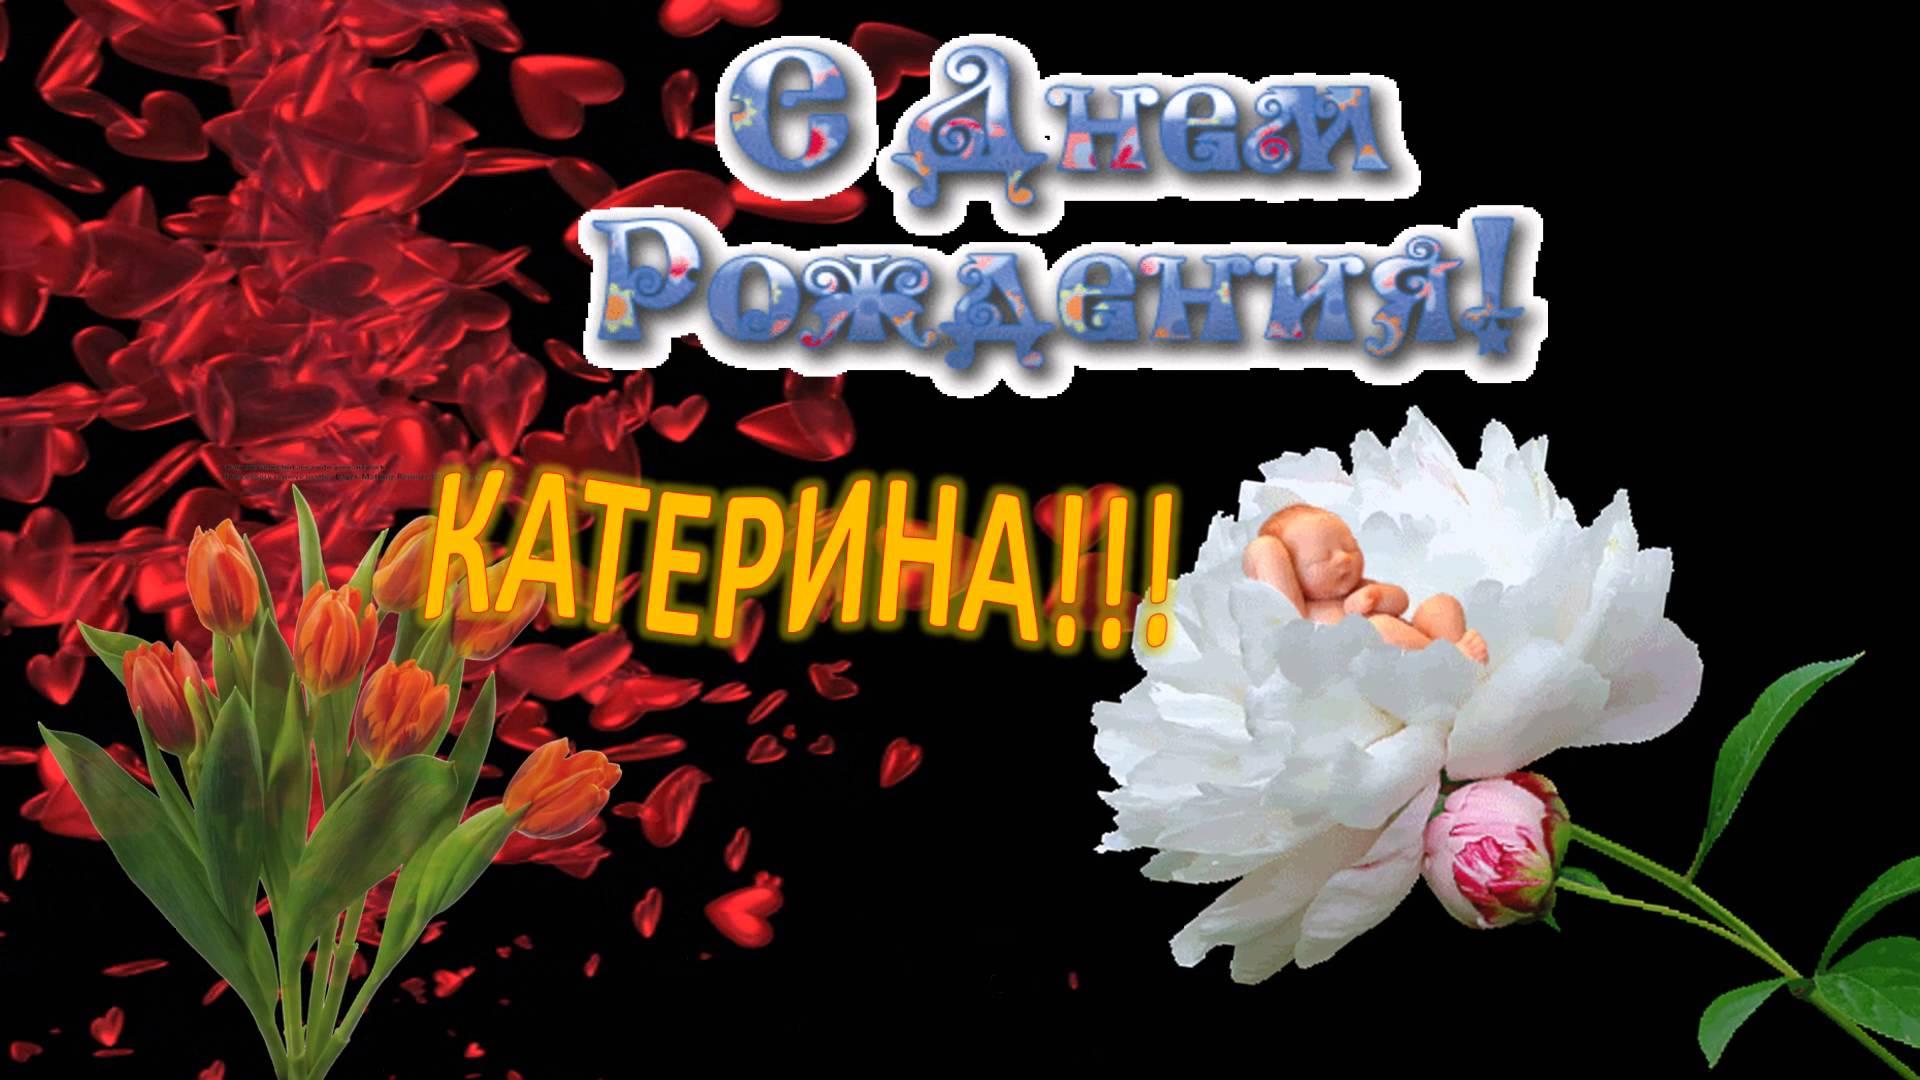 Катя с днем рождения открытки гиф, добрый вечер